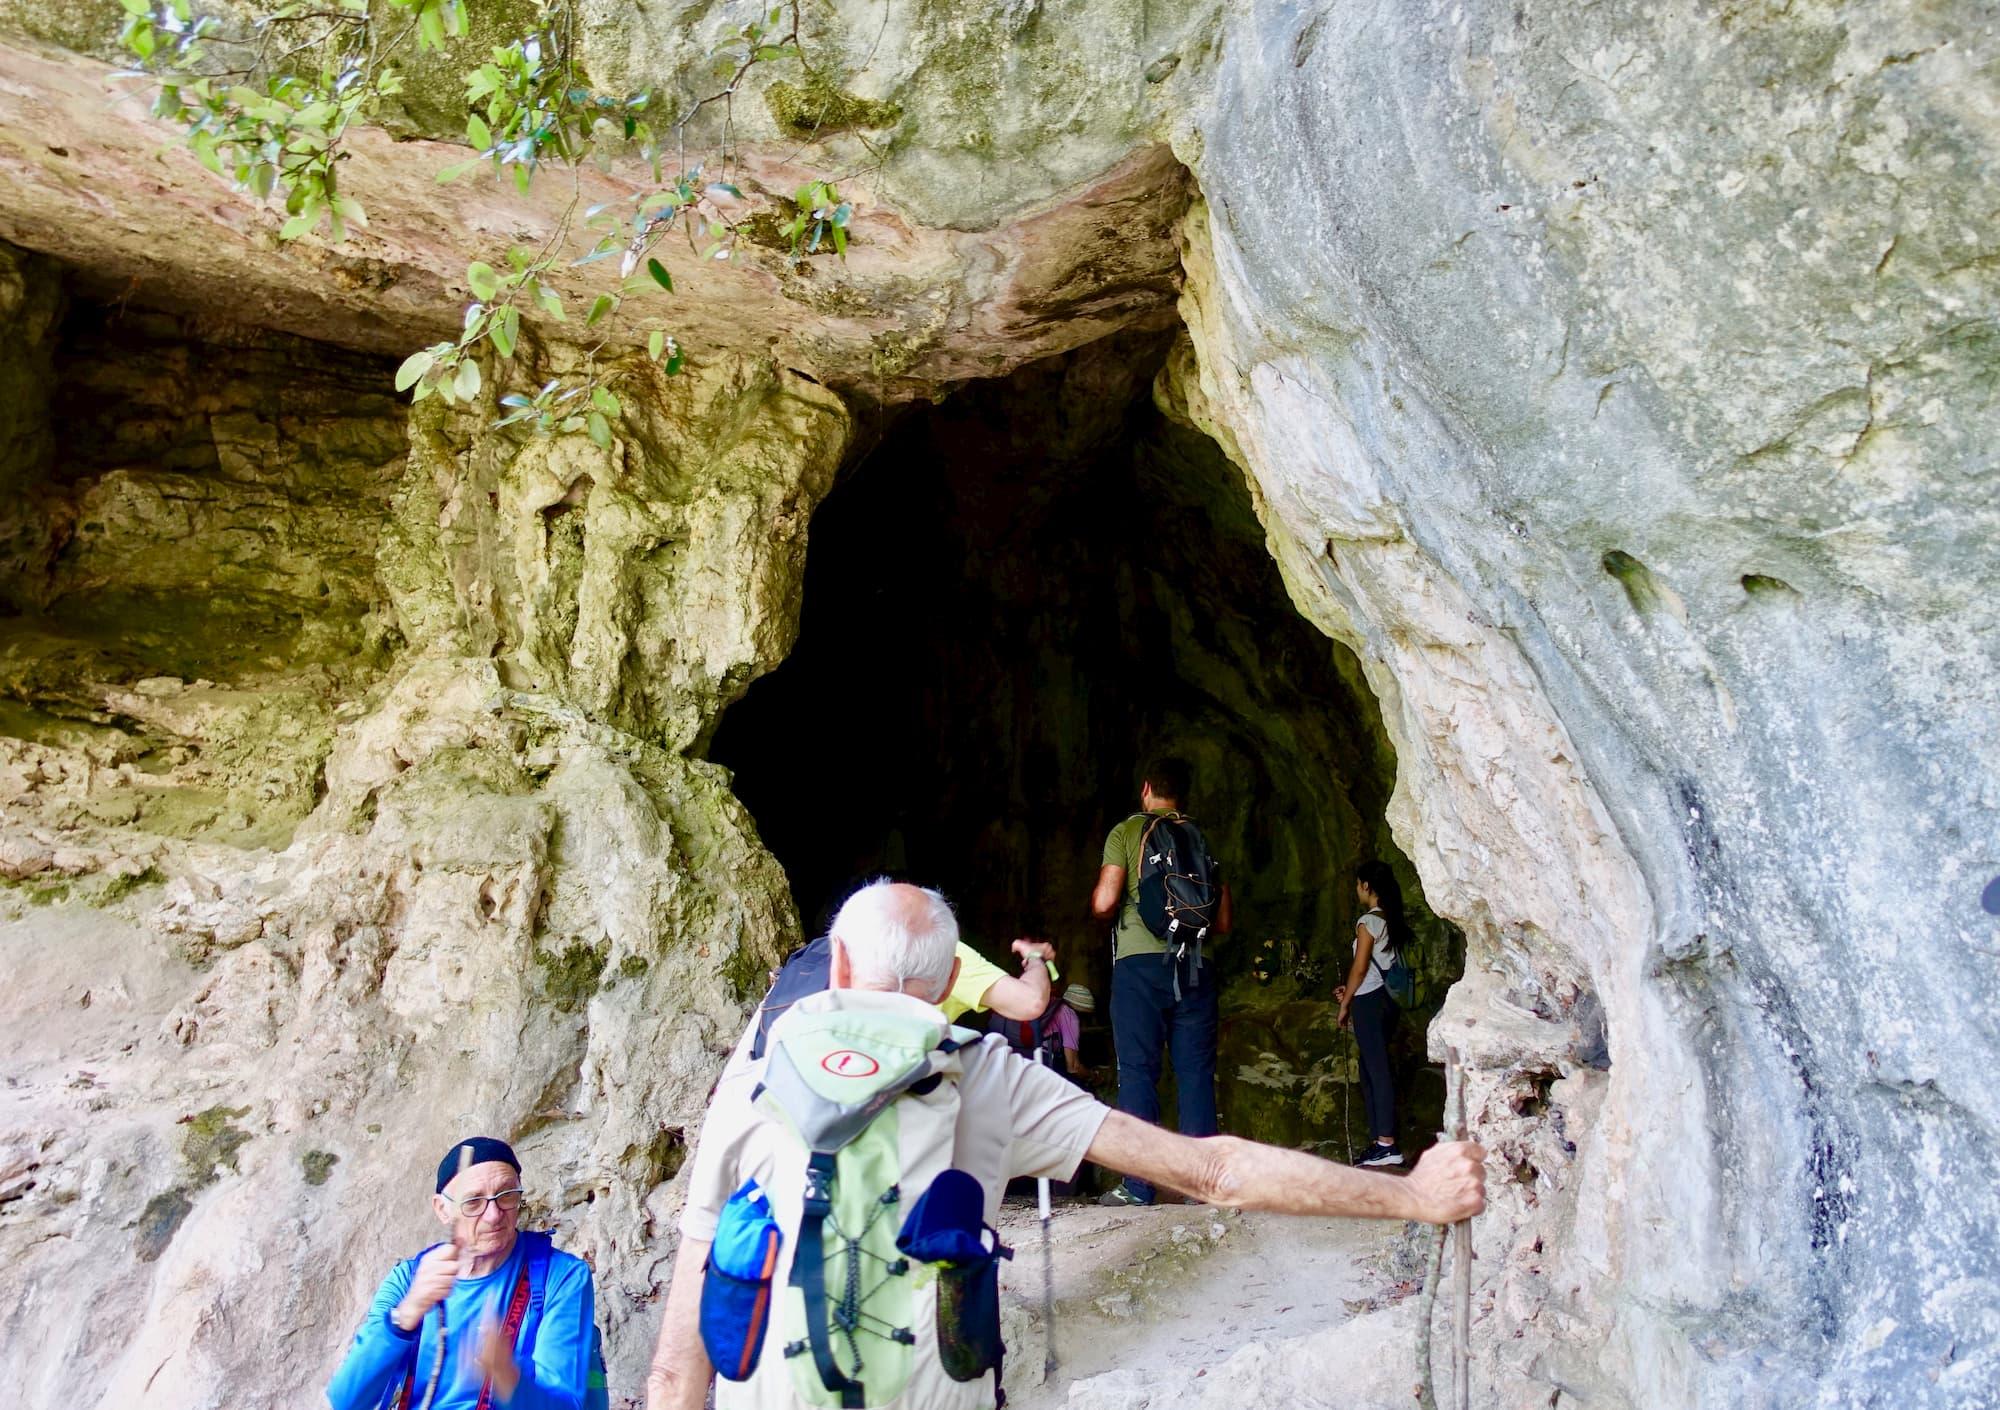 先史時代の居住痕跡も度々発掘される洞窟(カープア、カンパニア州)